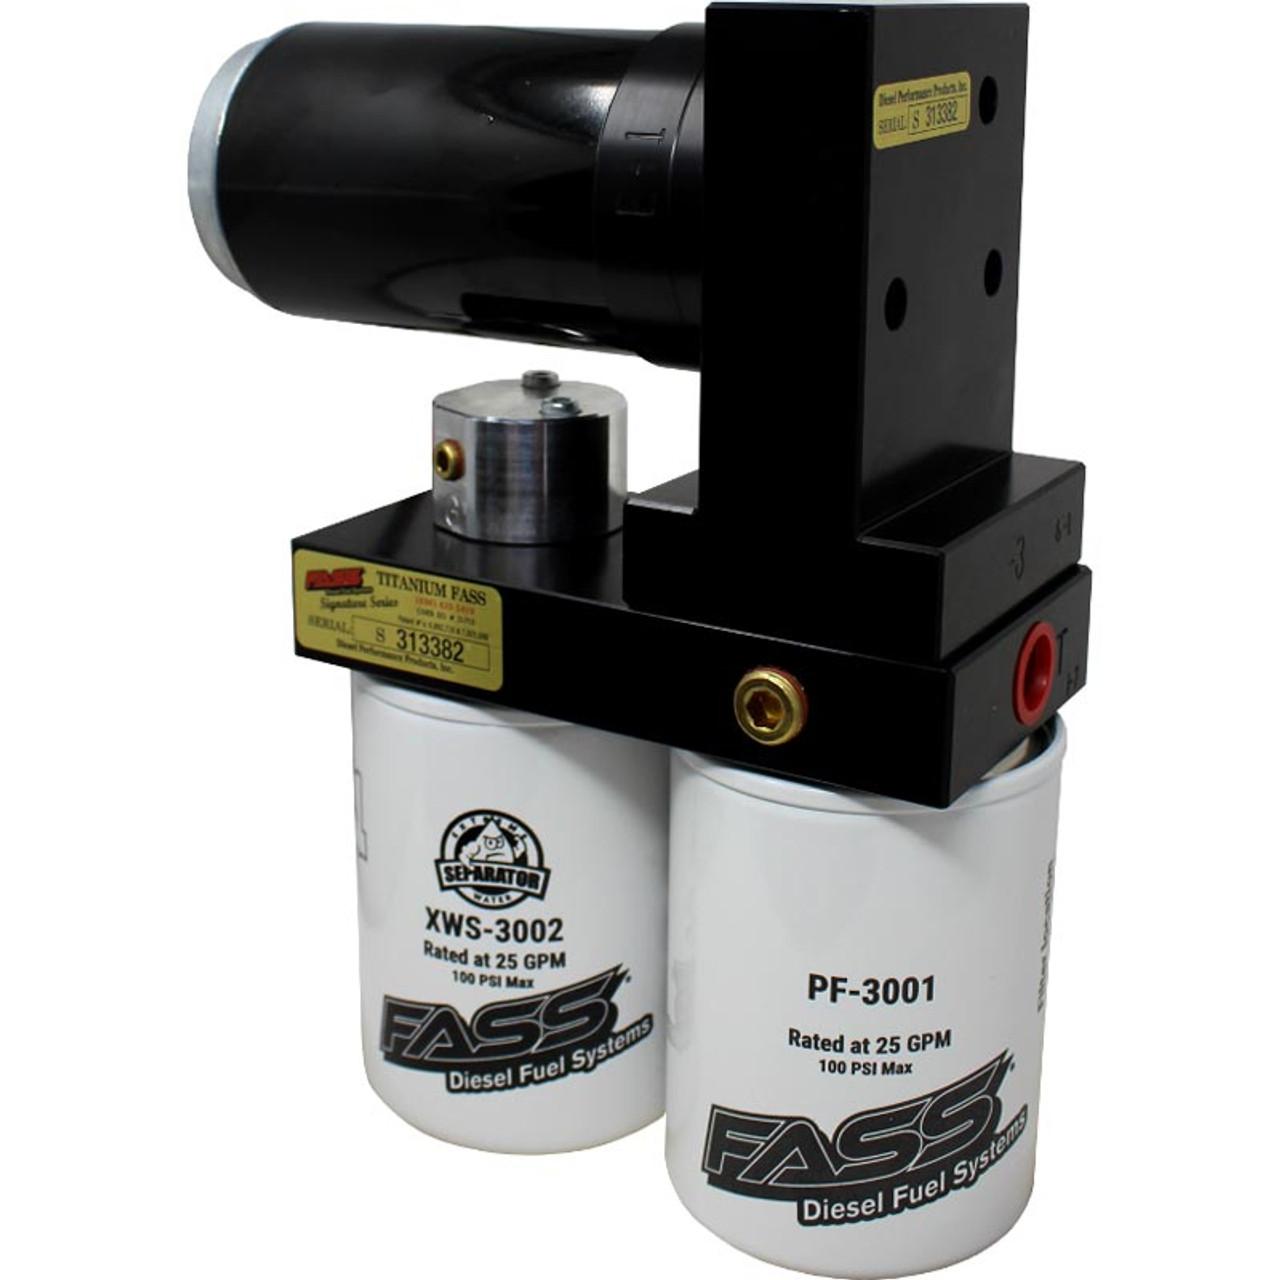 Fass Titanium Fuel Pump 140GPH